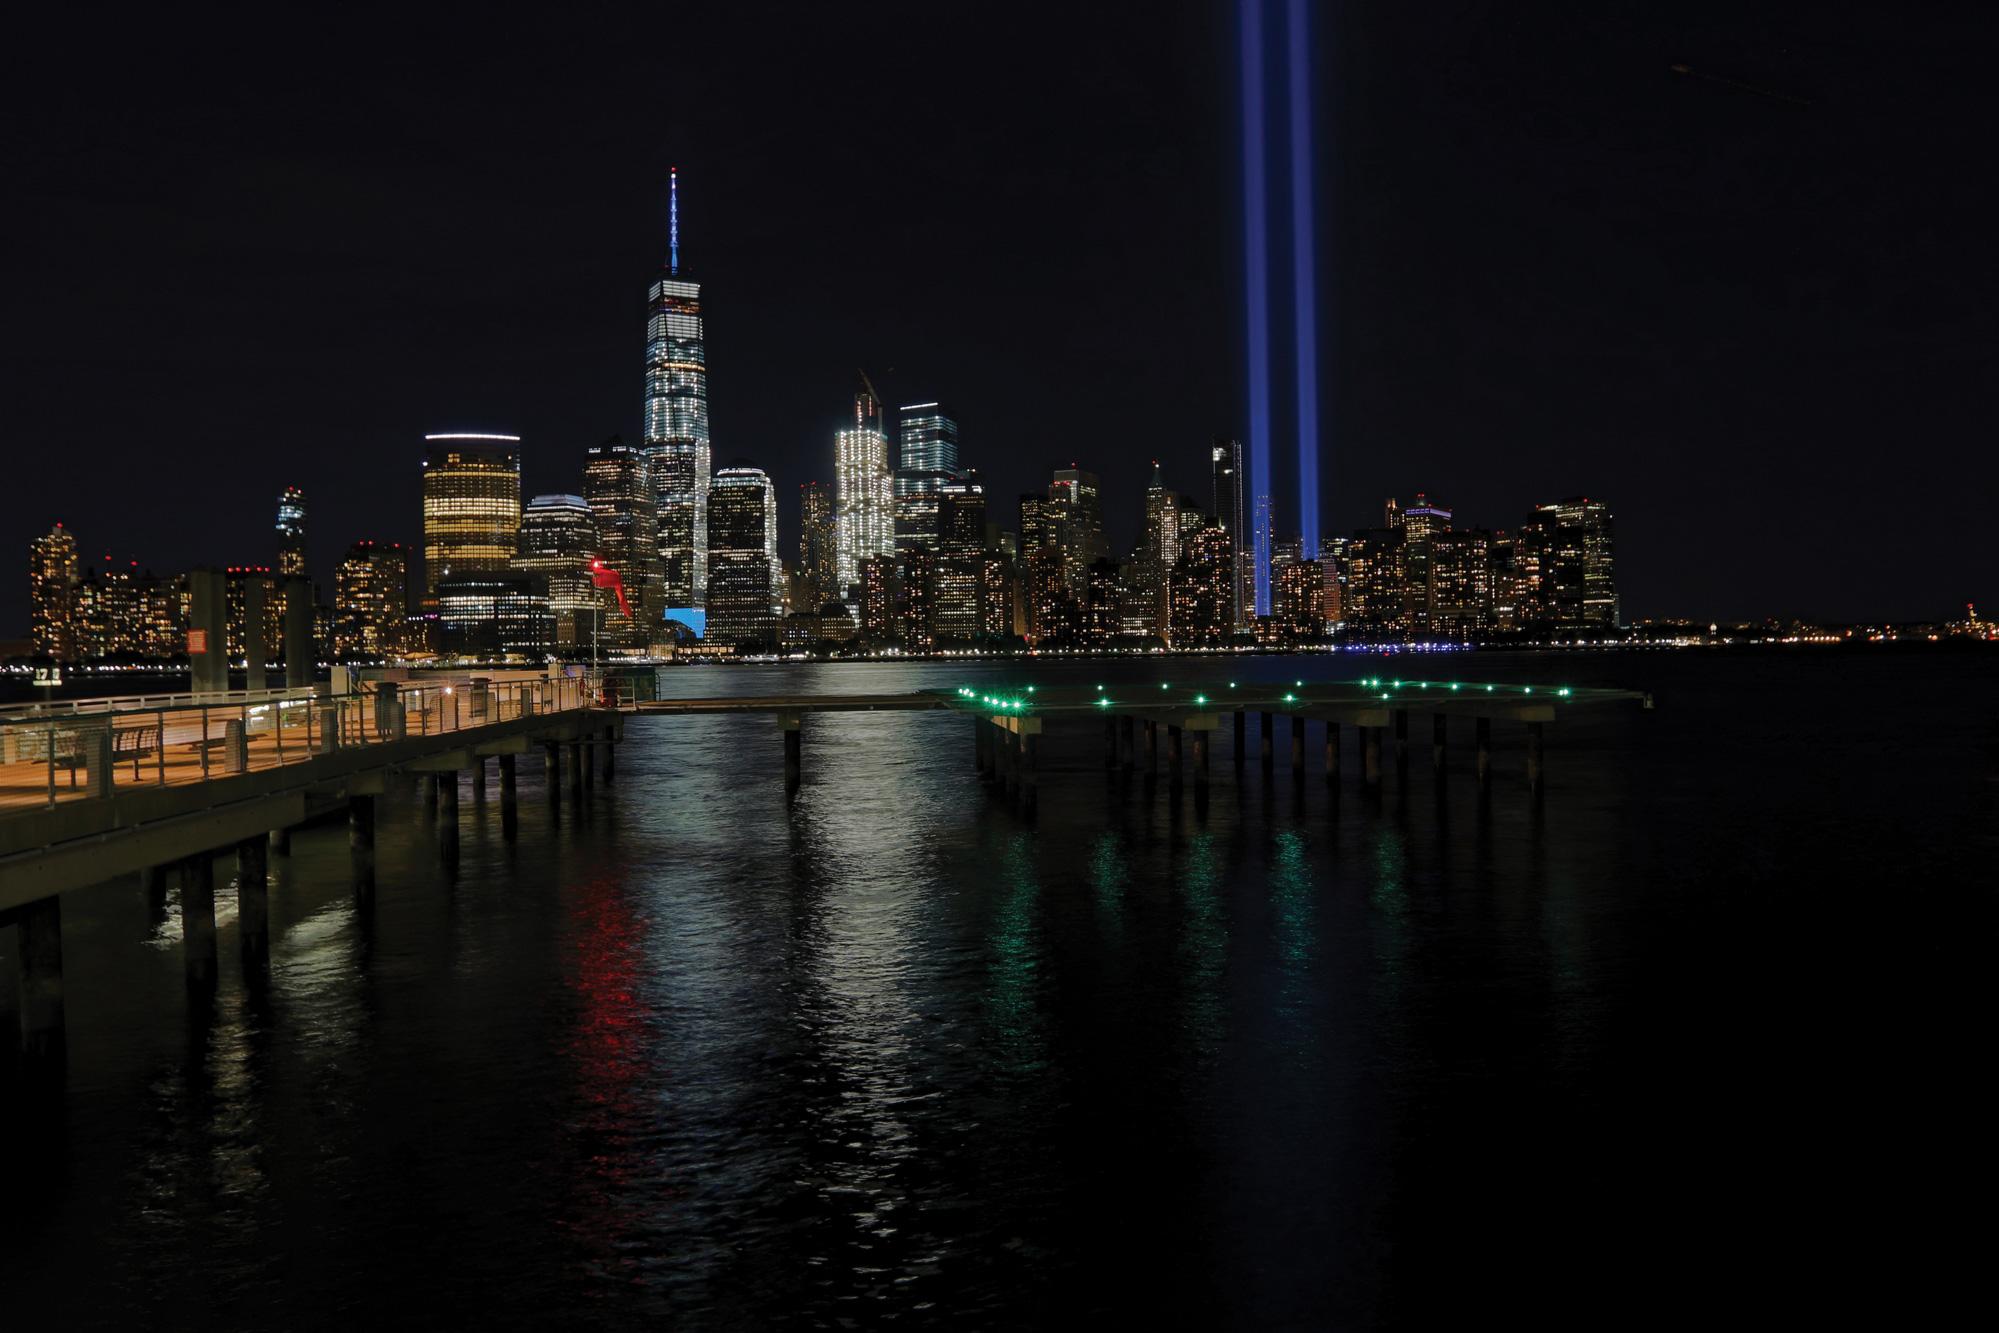 tribute in light lighting design images